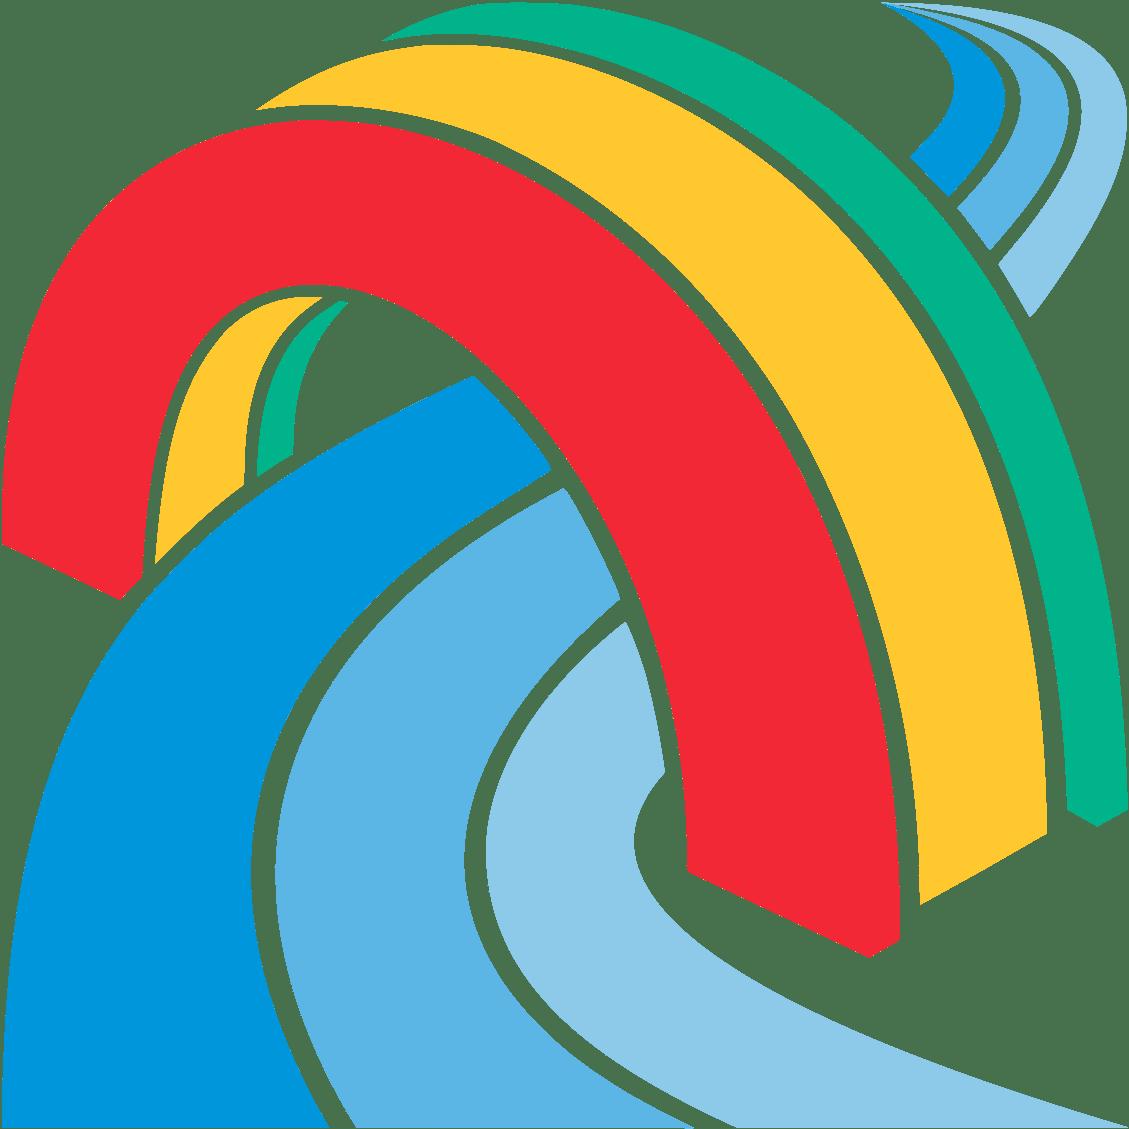 ACCESSIBILIS logo